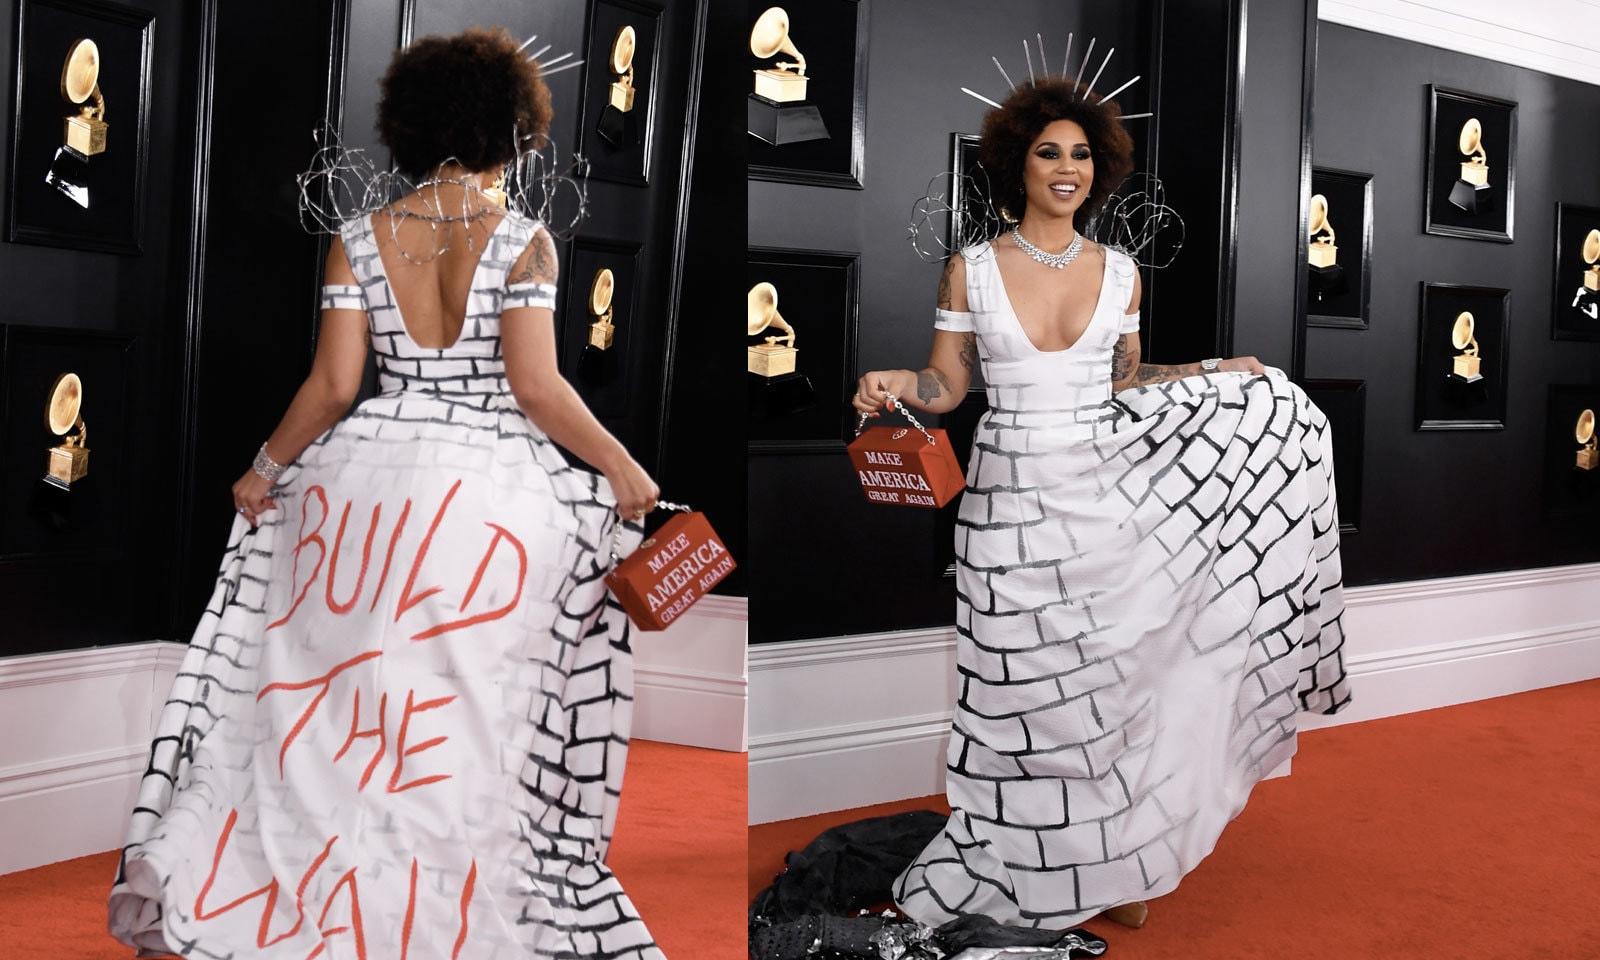 گلوکارہ جوئے ولا نے امریکی سرحد پر دیوار کی حمایت کا لباس زیب تن کیا  — فوٹو: اے ایف پی